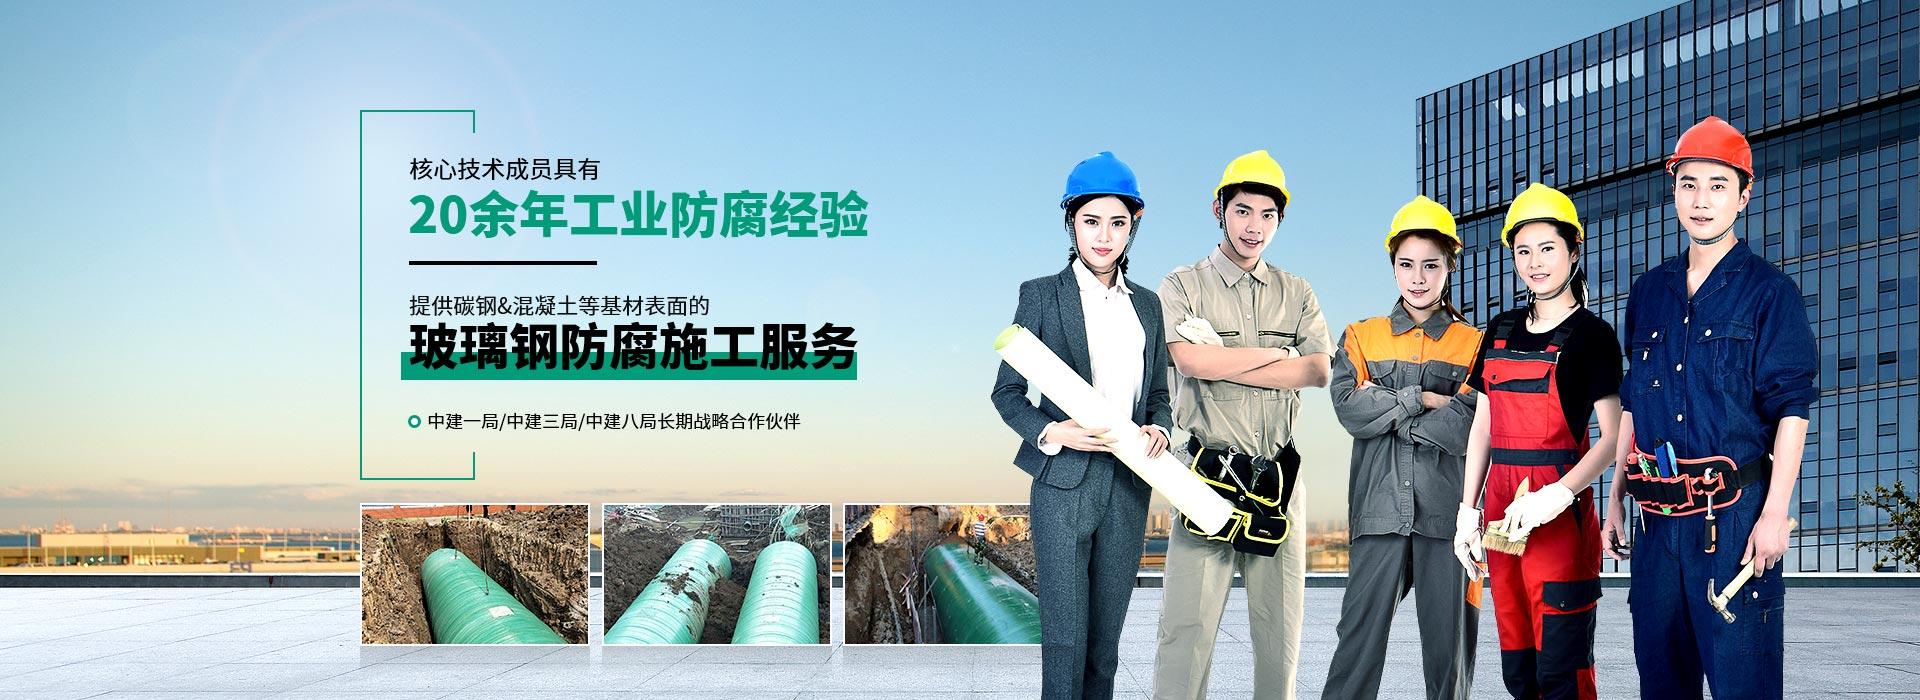 安徽清飞核心技术成员具有20余年工业防腐经验